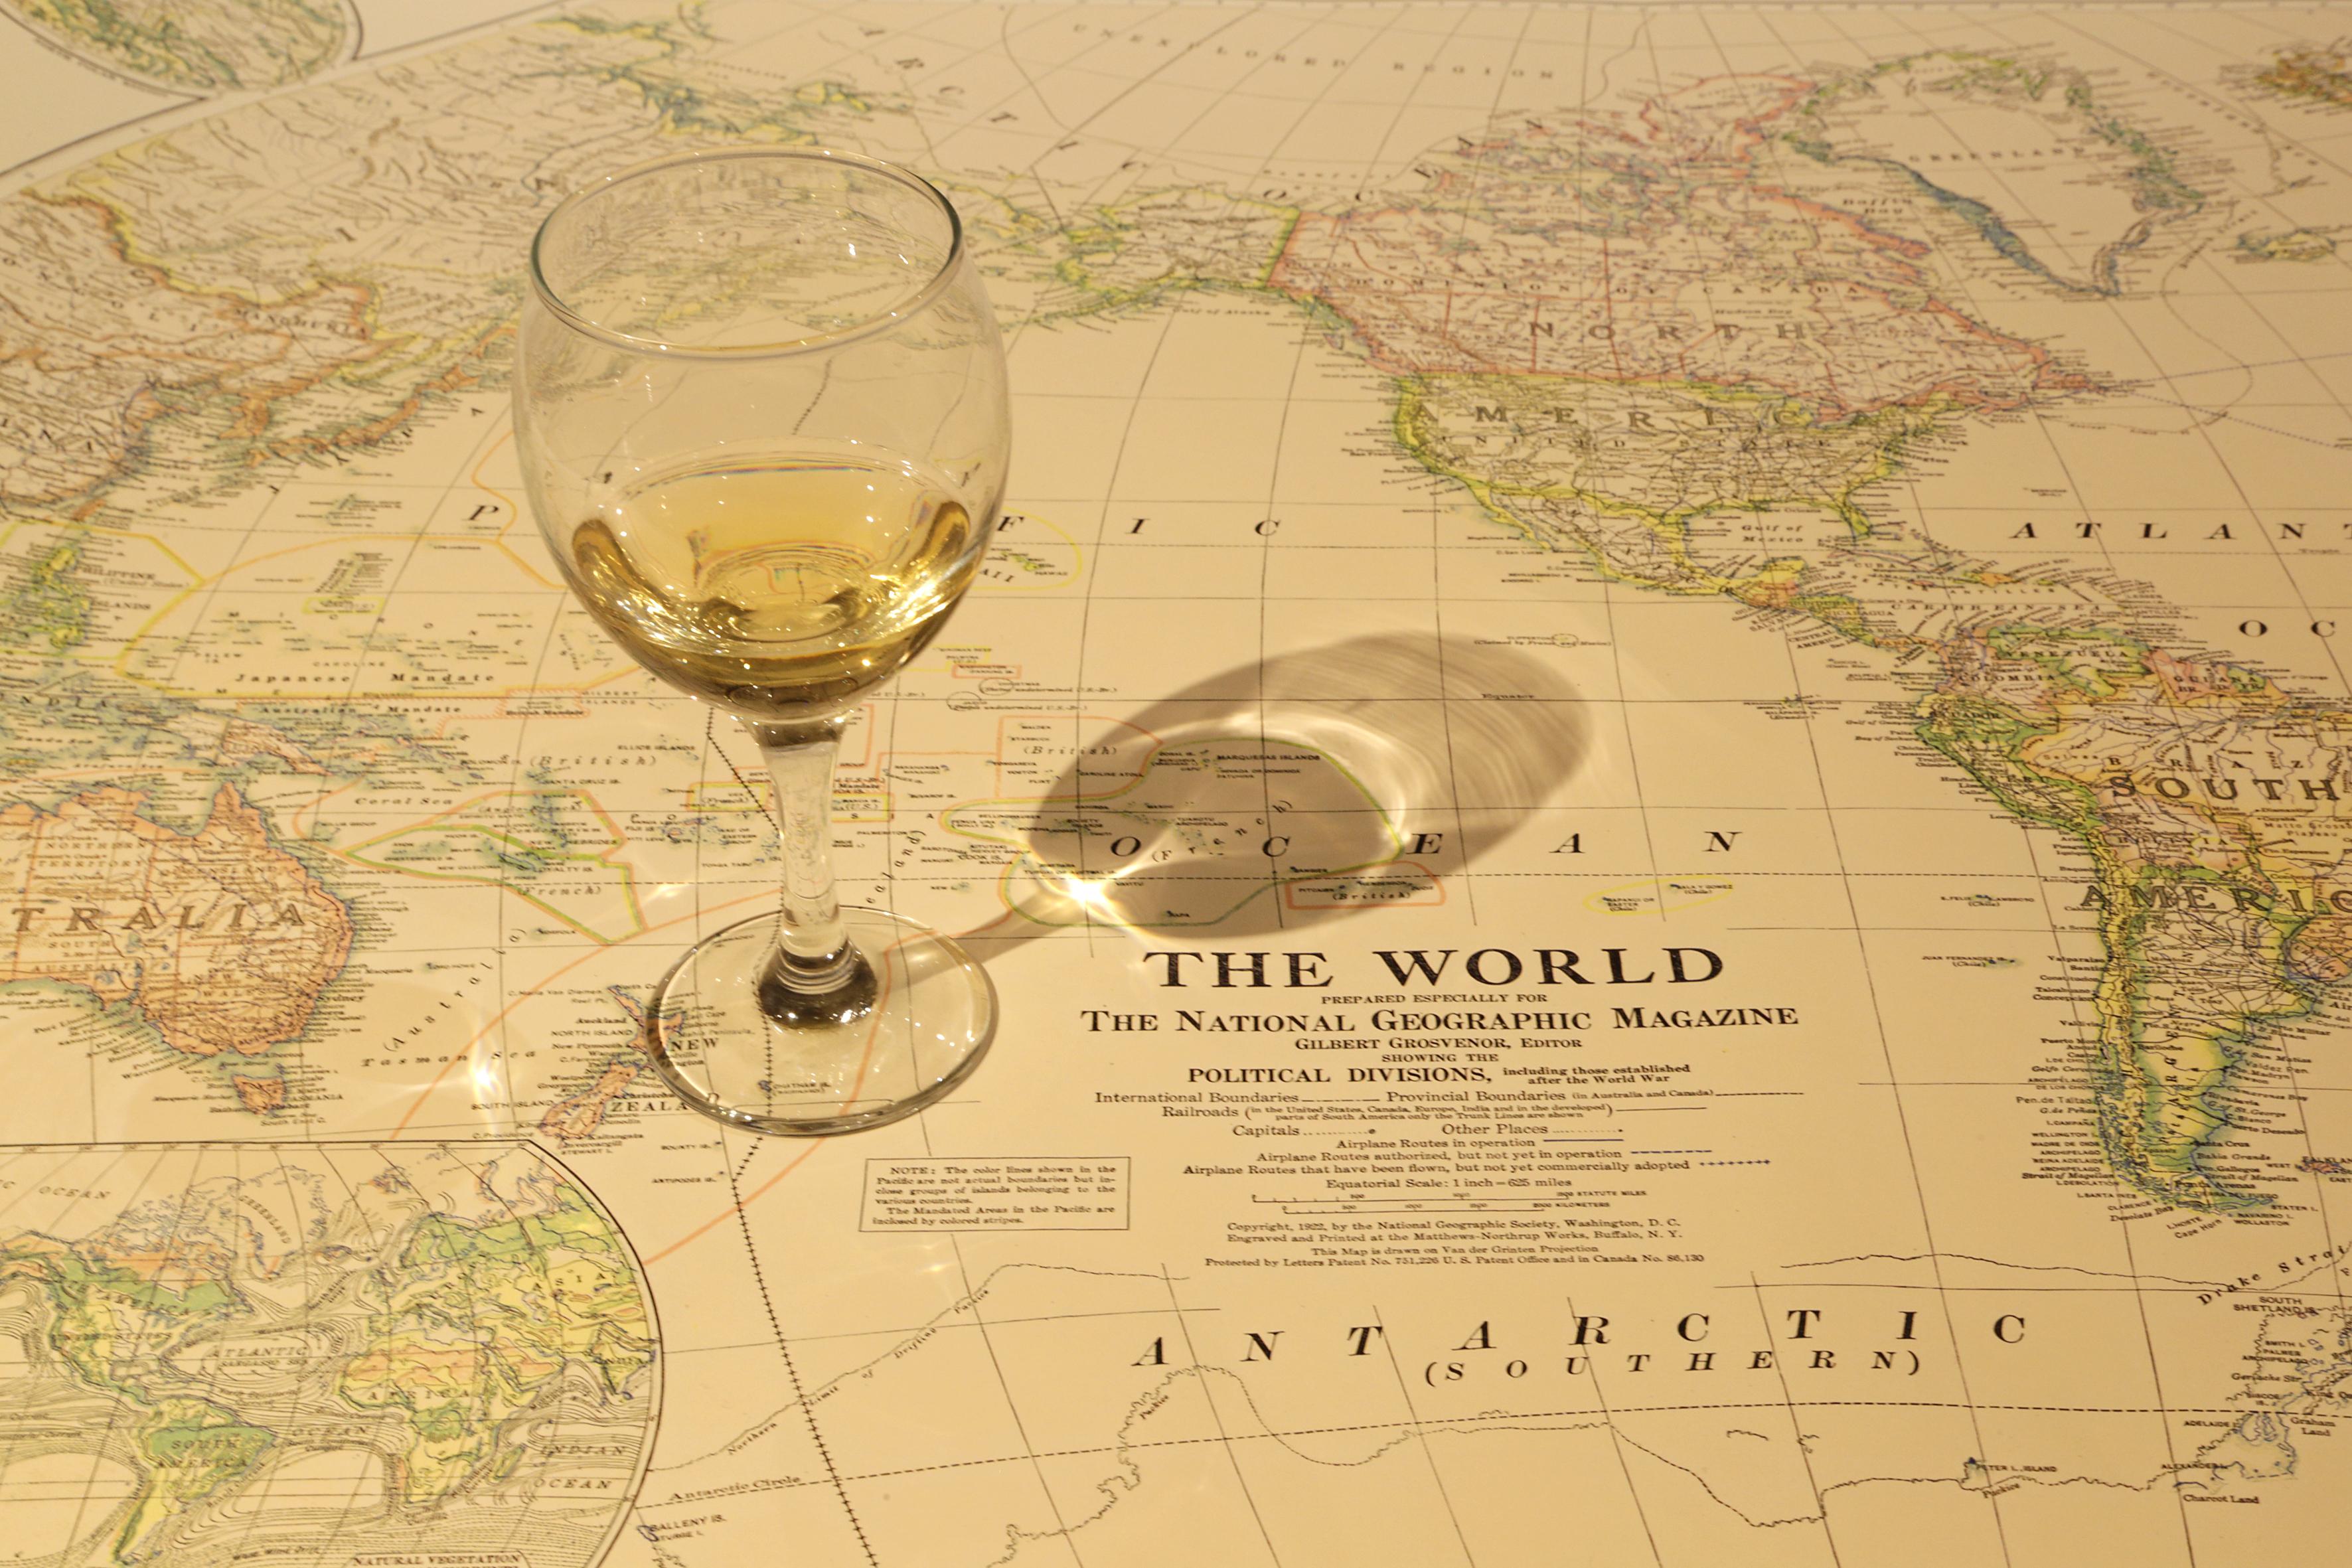 1. Mapa mundi